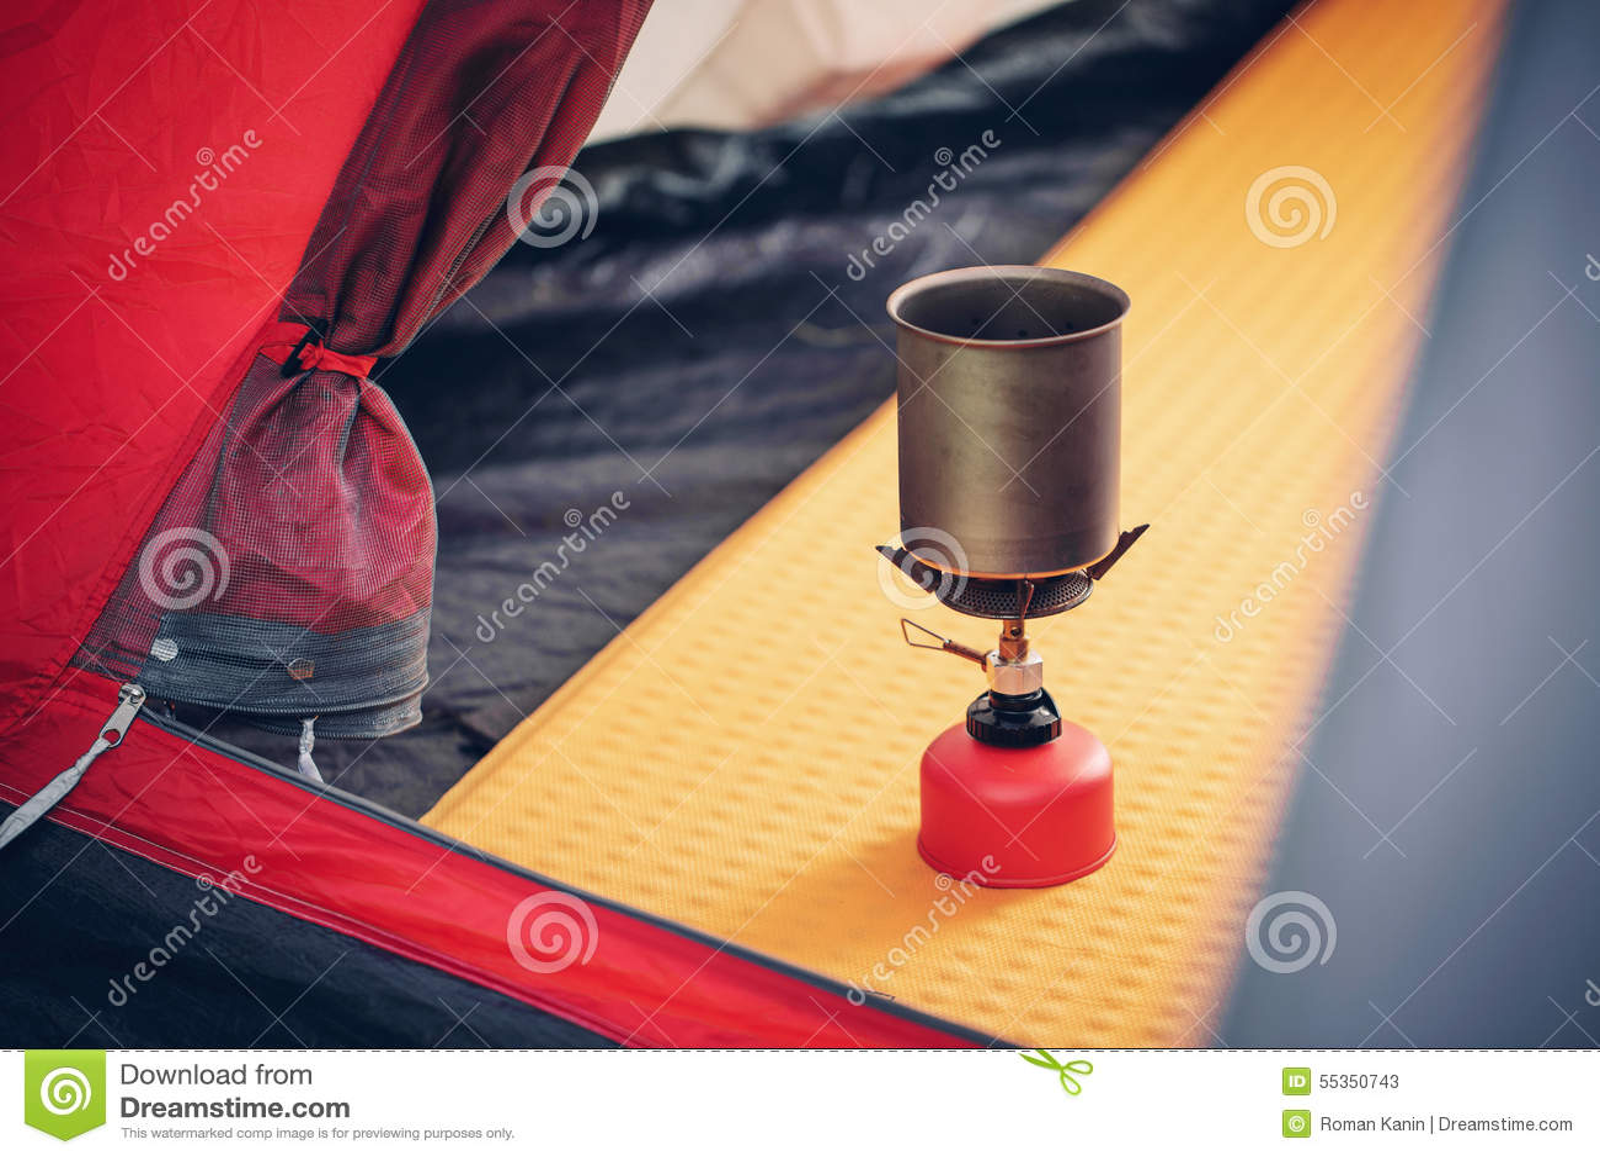 Acqua bollente in bollitore sulla stufa di campeggio portatile